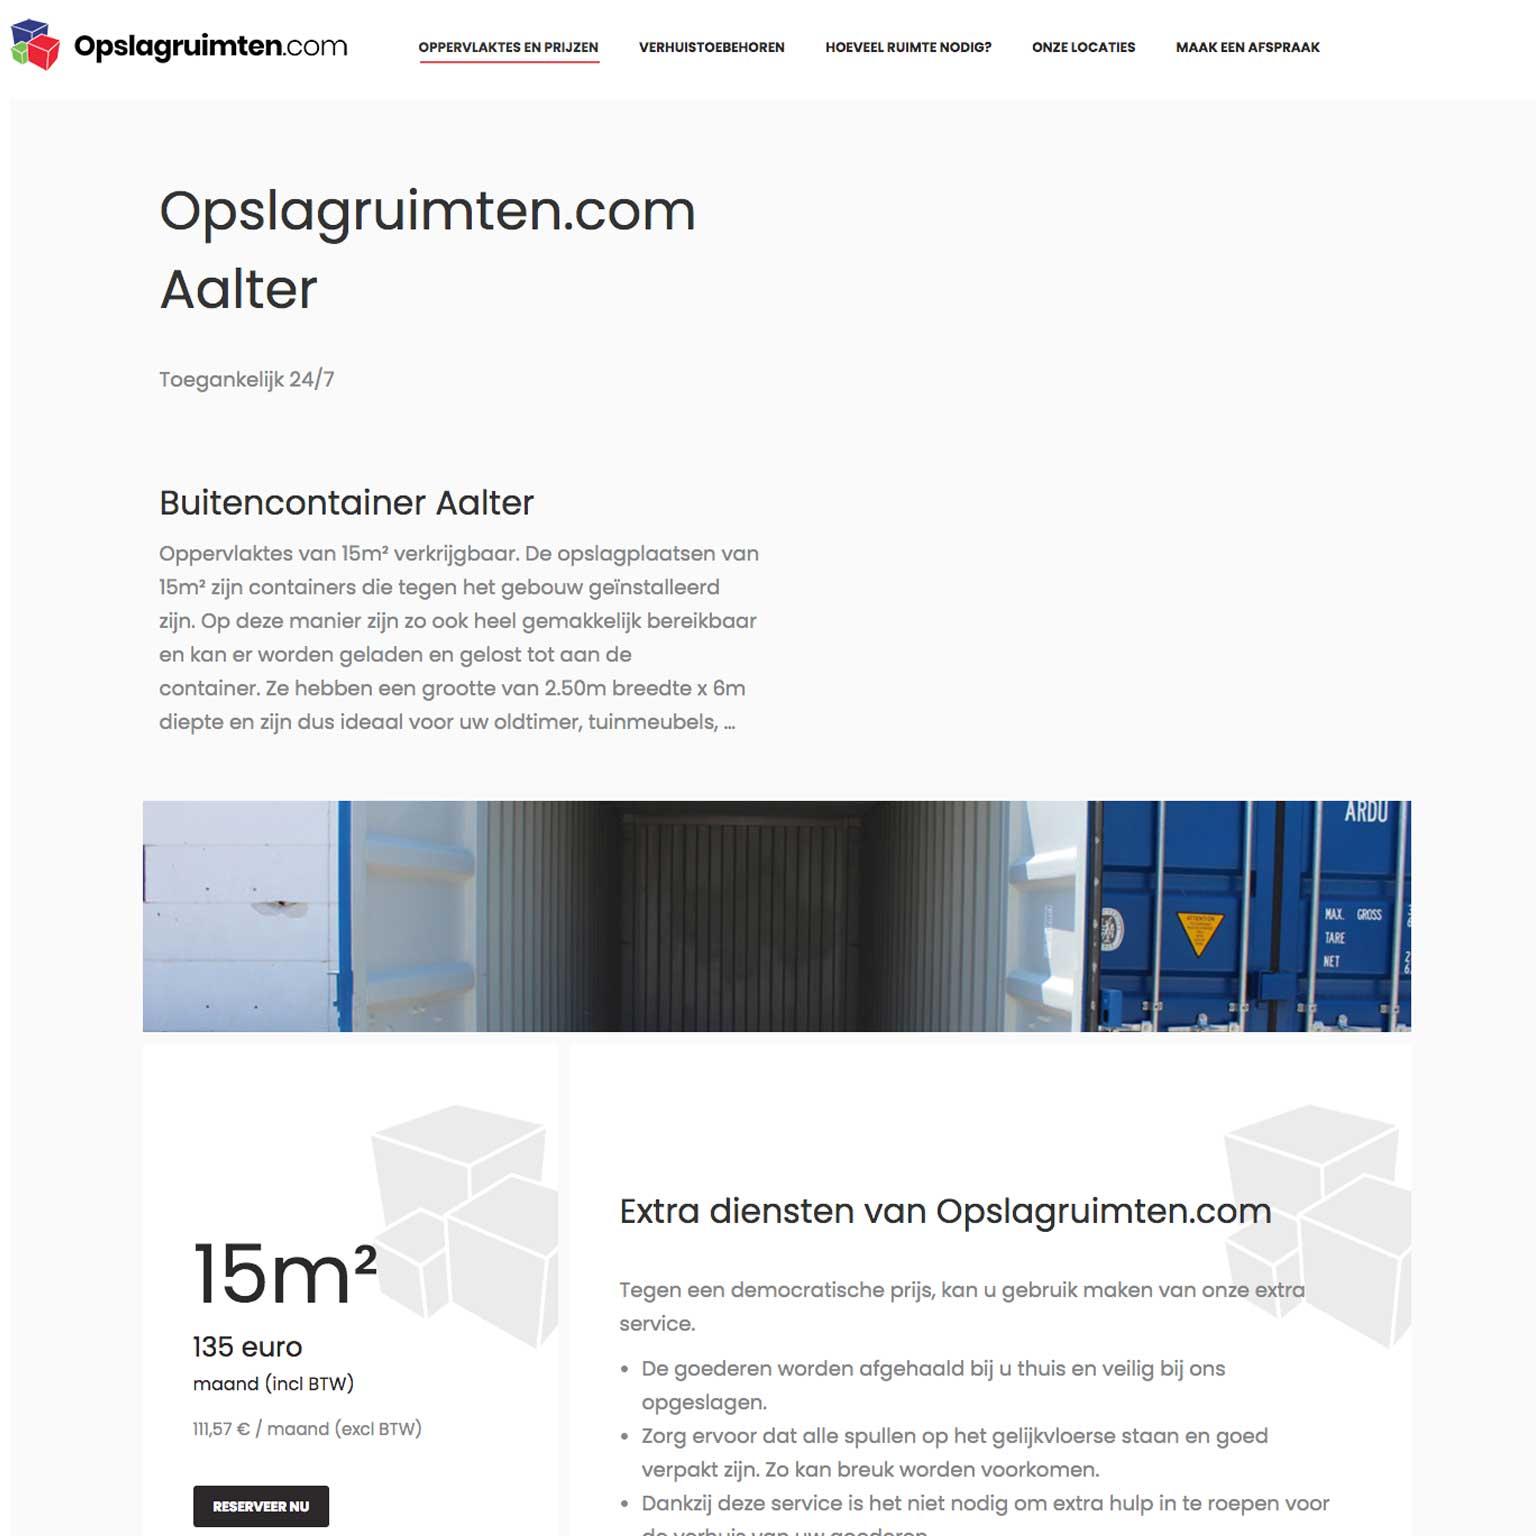 1536x1536-case-study-opslagruimten-web-page